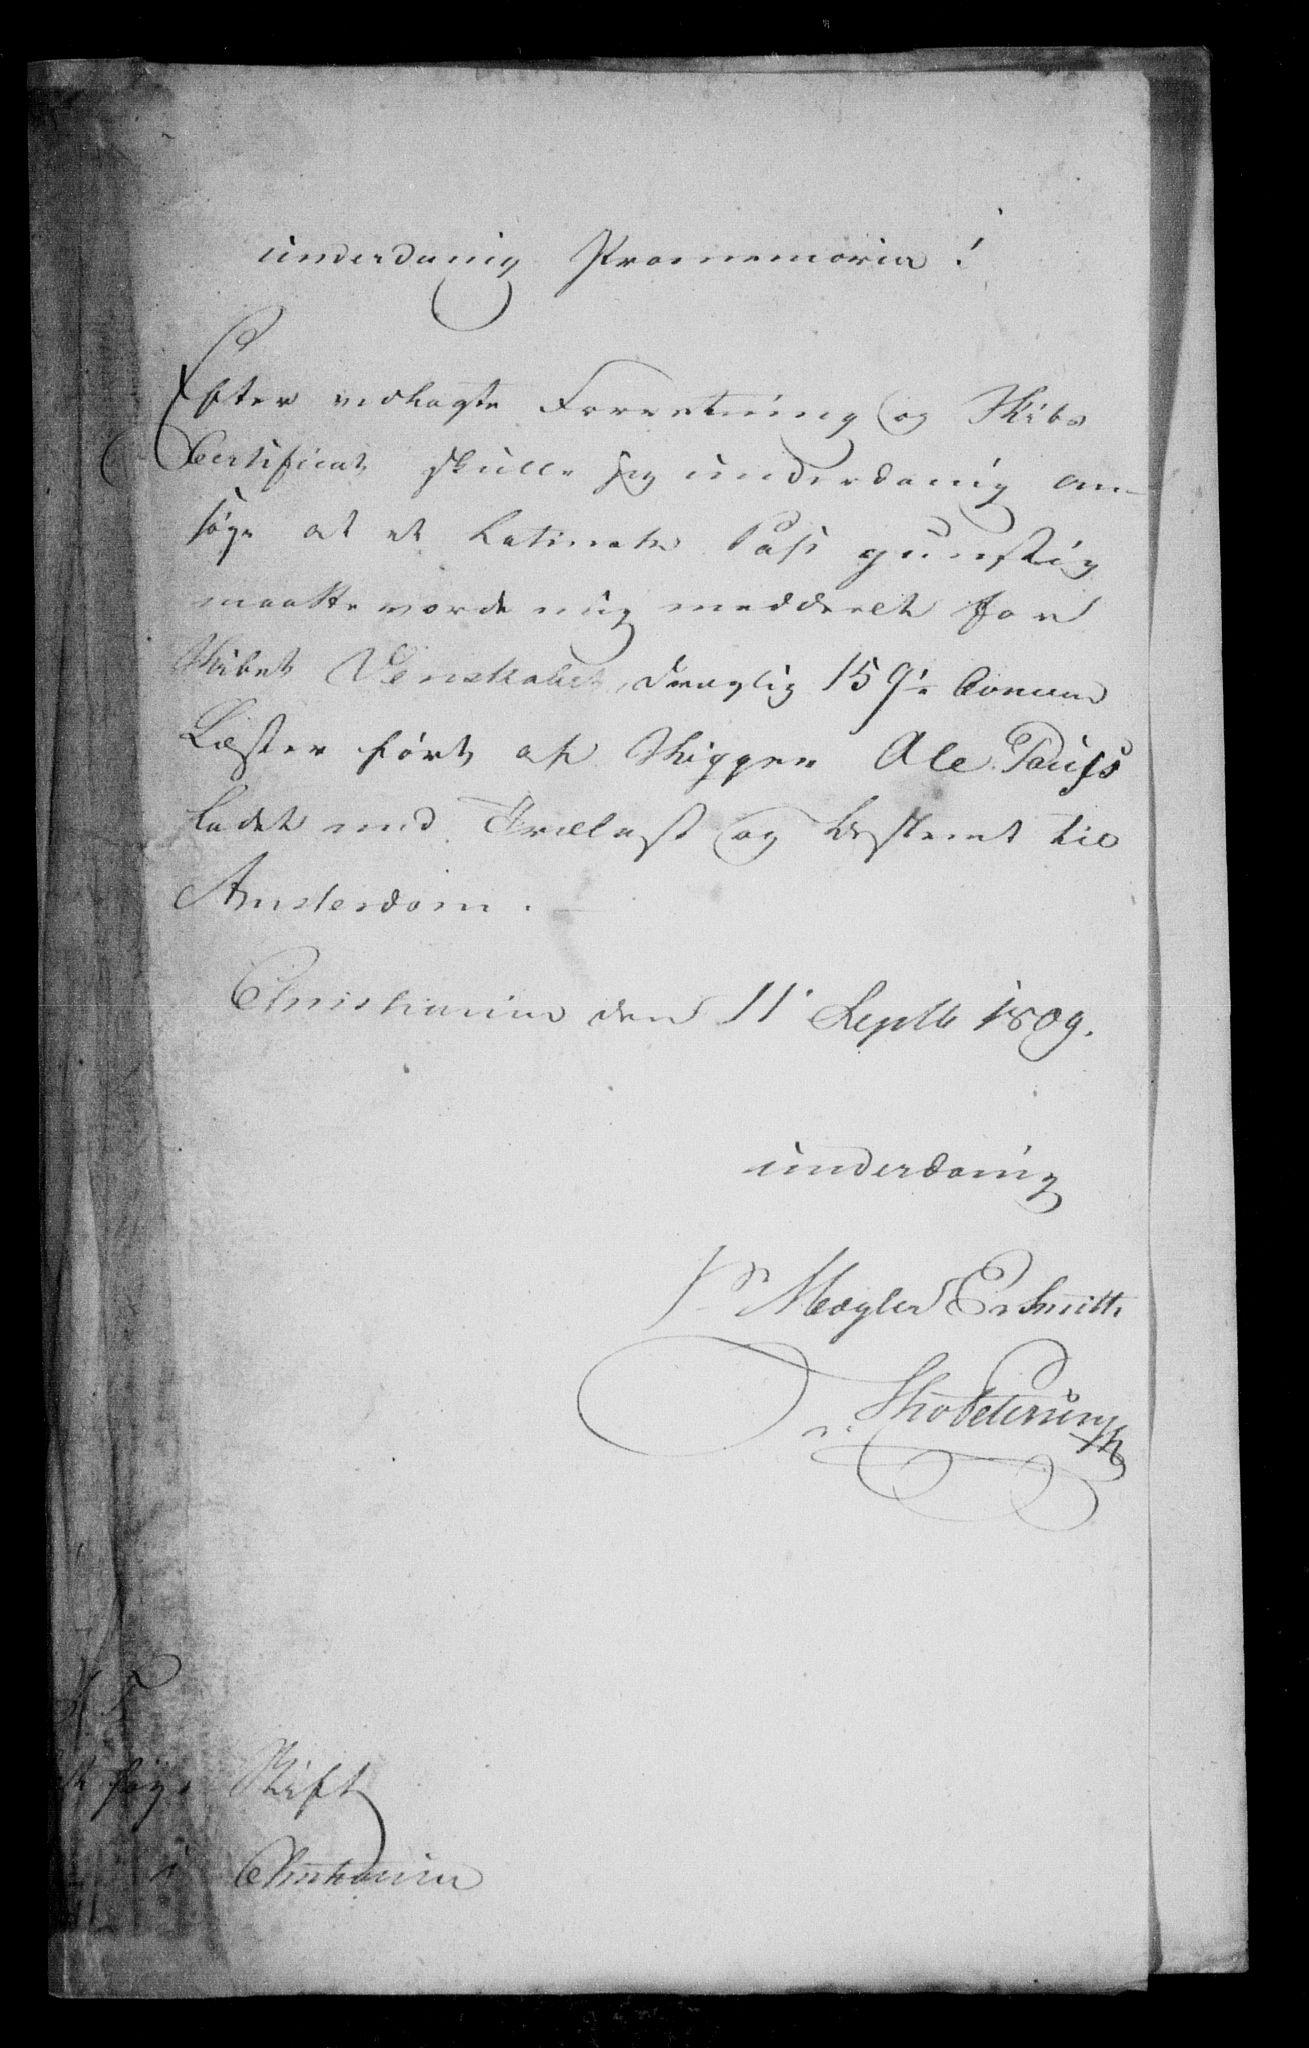 RA, Danske Kanselli, Skapsaker, F/L0052: Skap 13, pakke 2, 1809-1810, s. 109